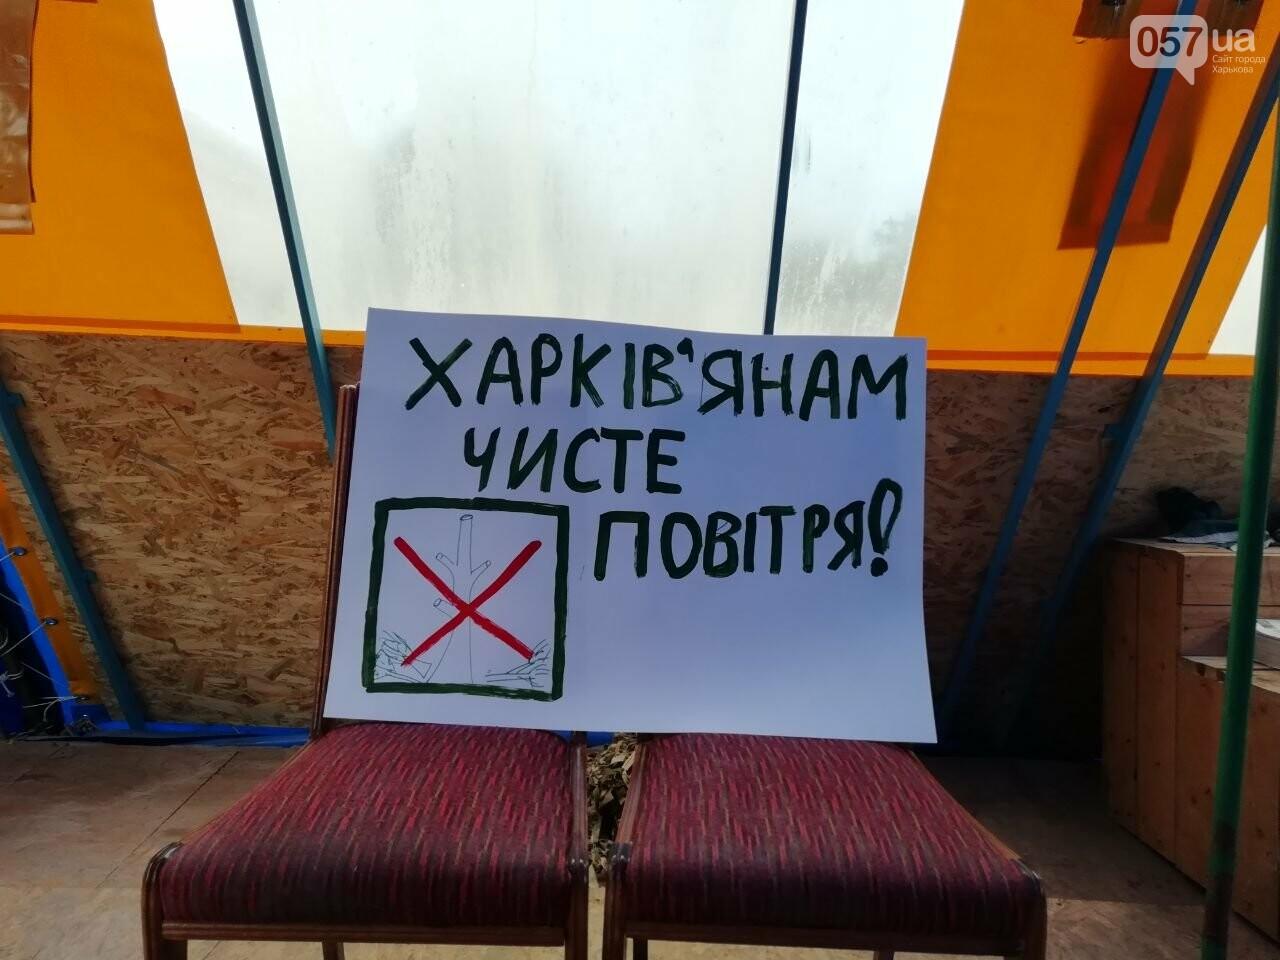 Нарисуй претензию к Кернесу: на площади Свободы организовали акцию, - ФОТО, фото-2